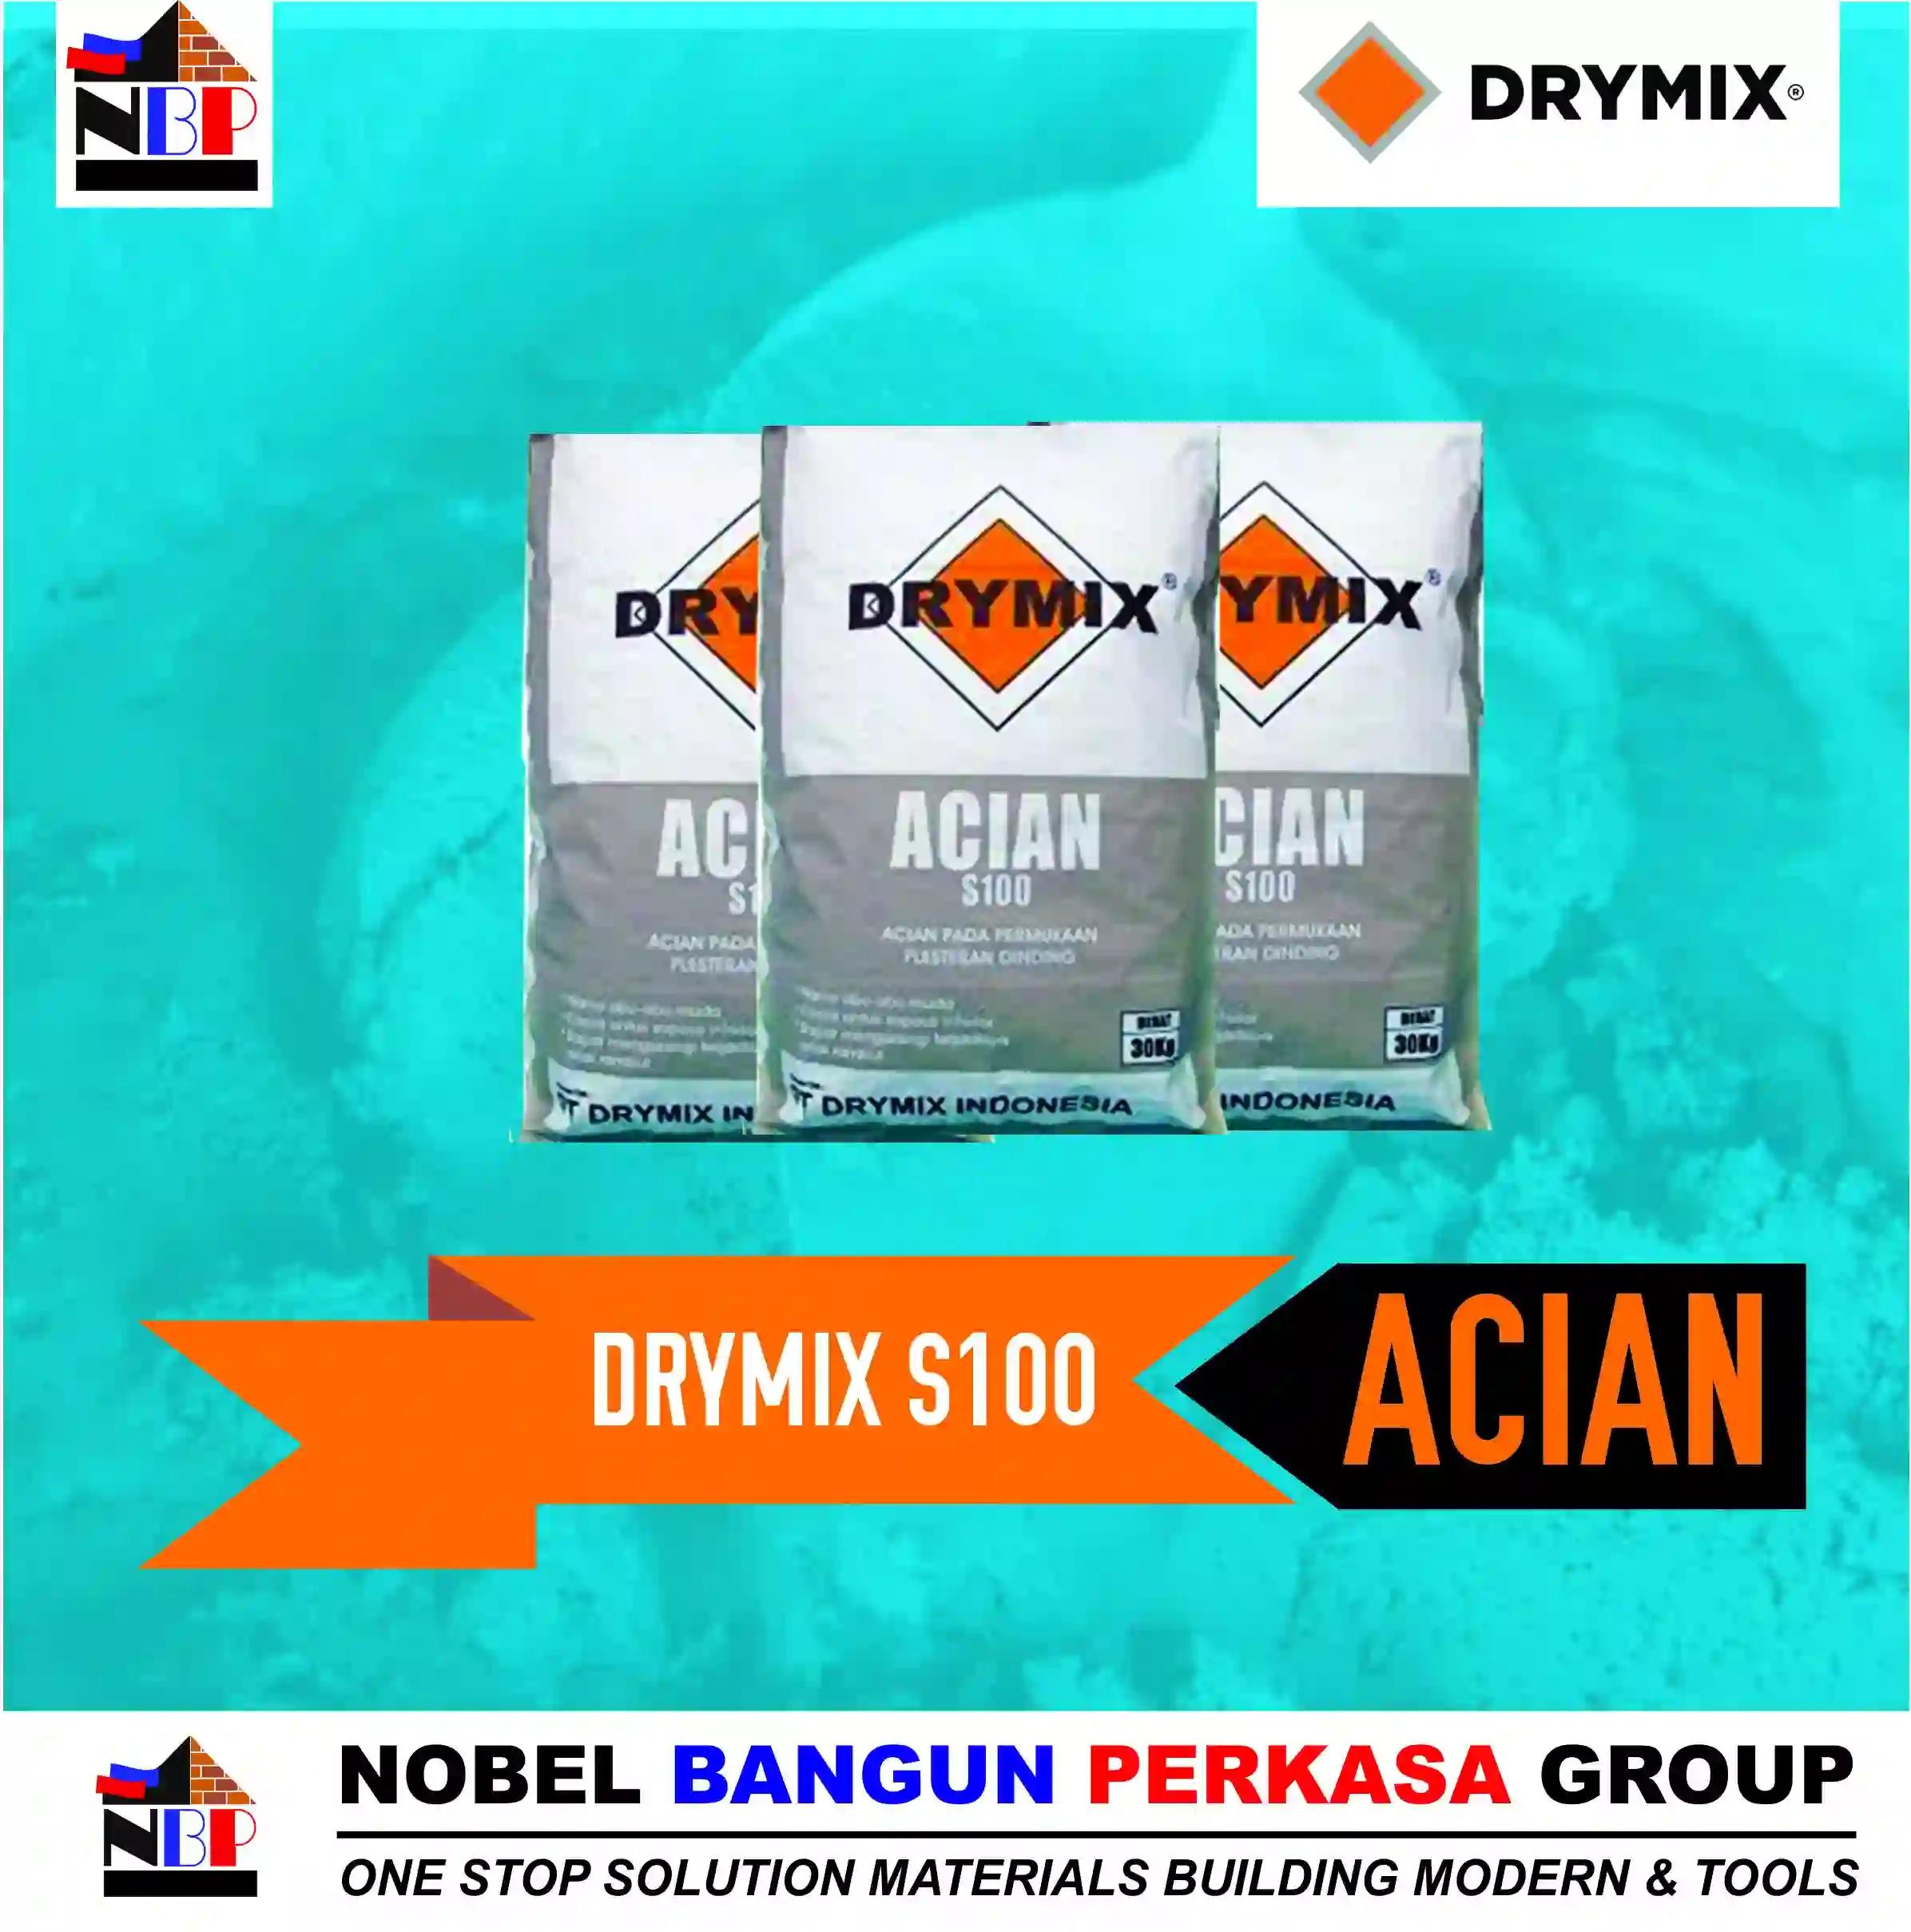 drymix s100 acian